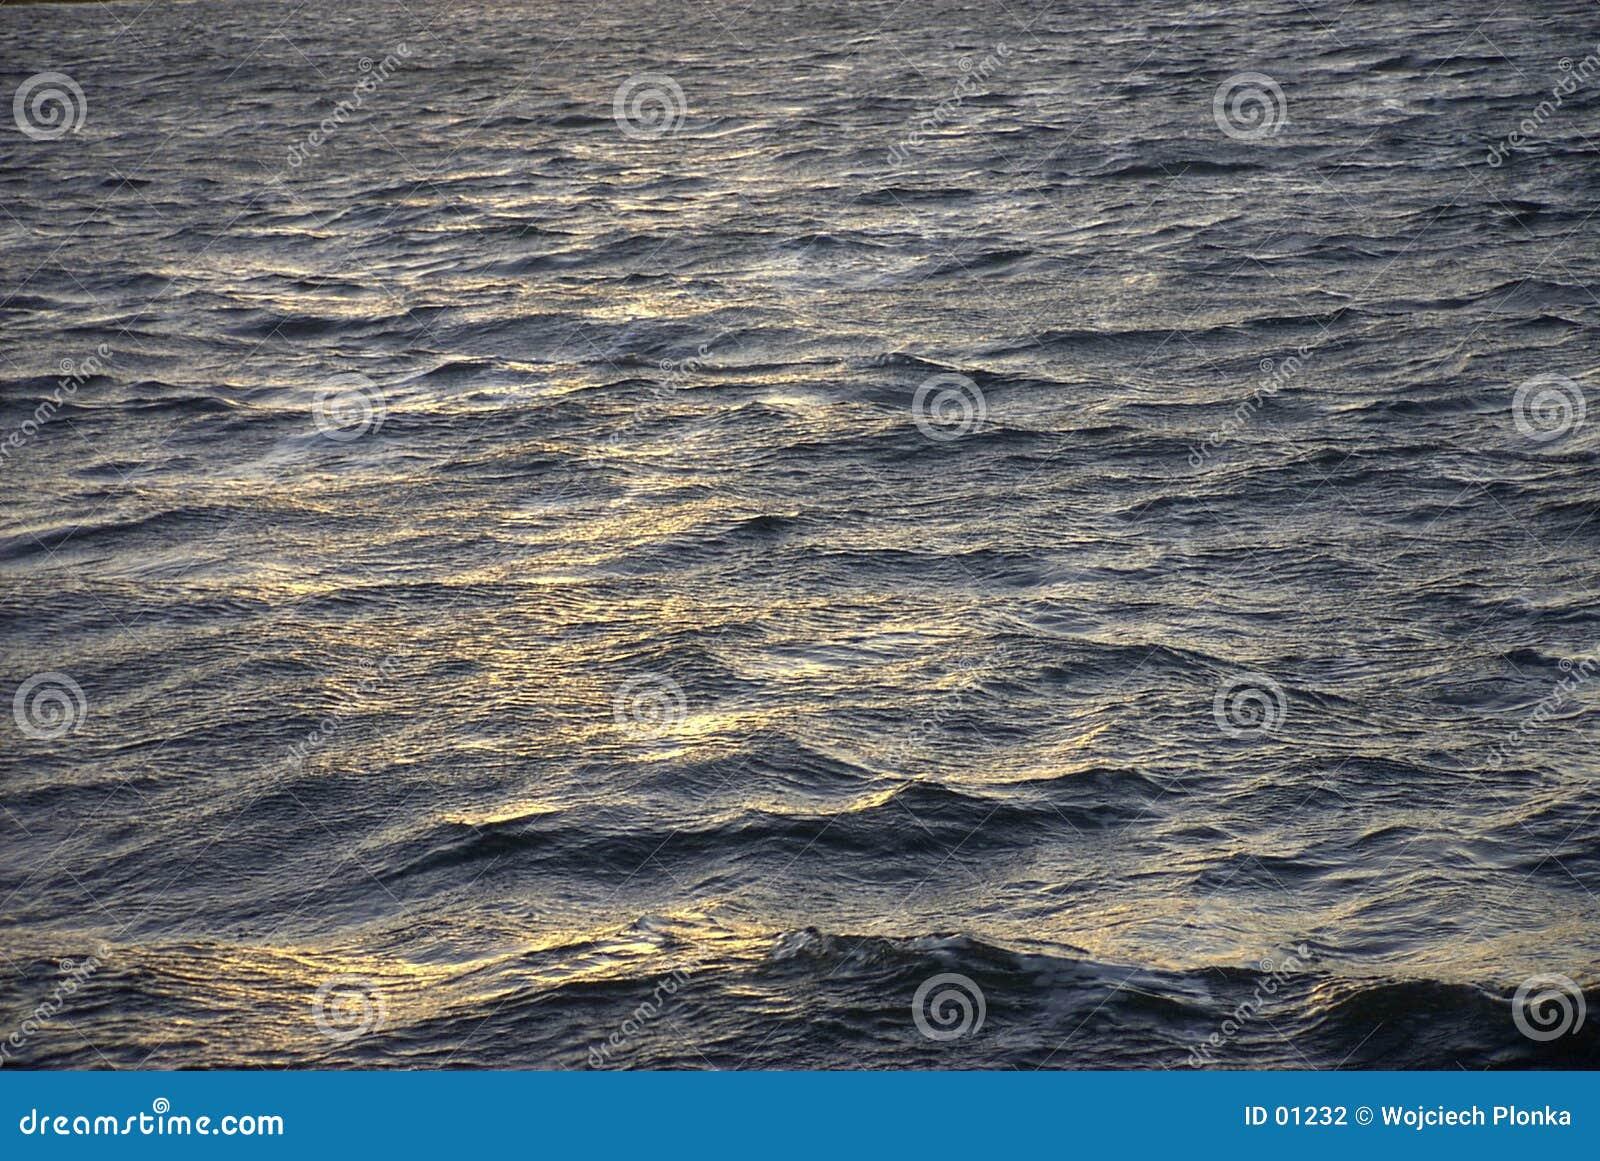 κύματα ύδατος